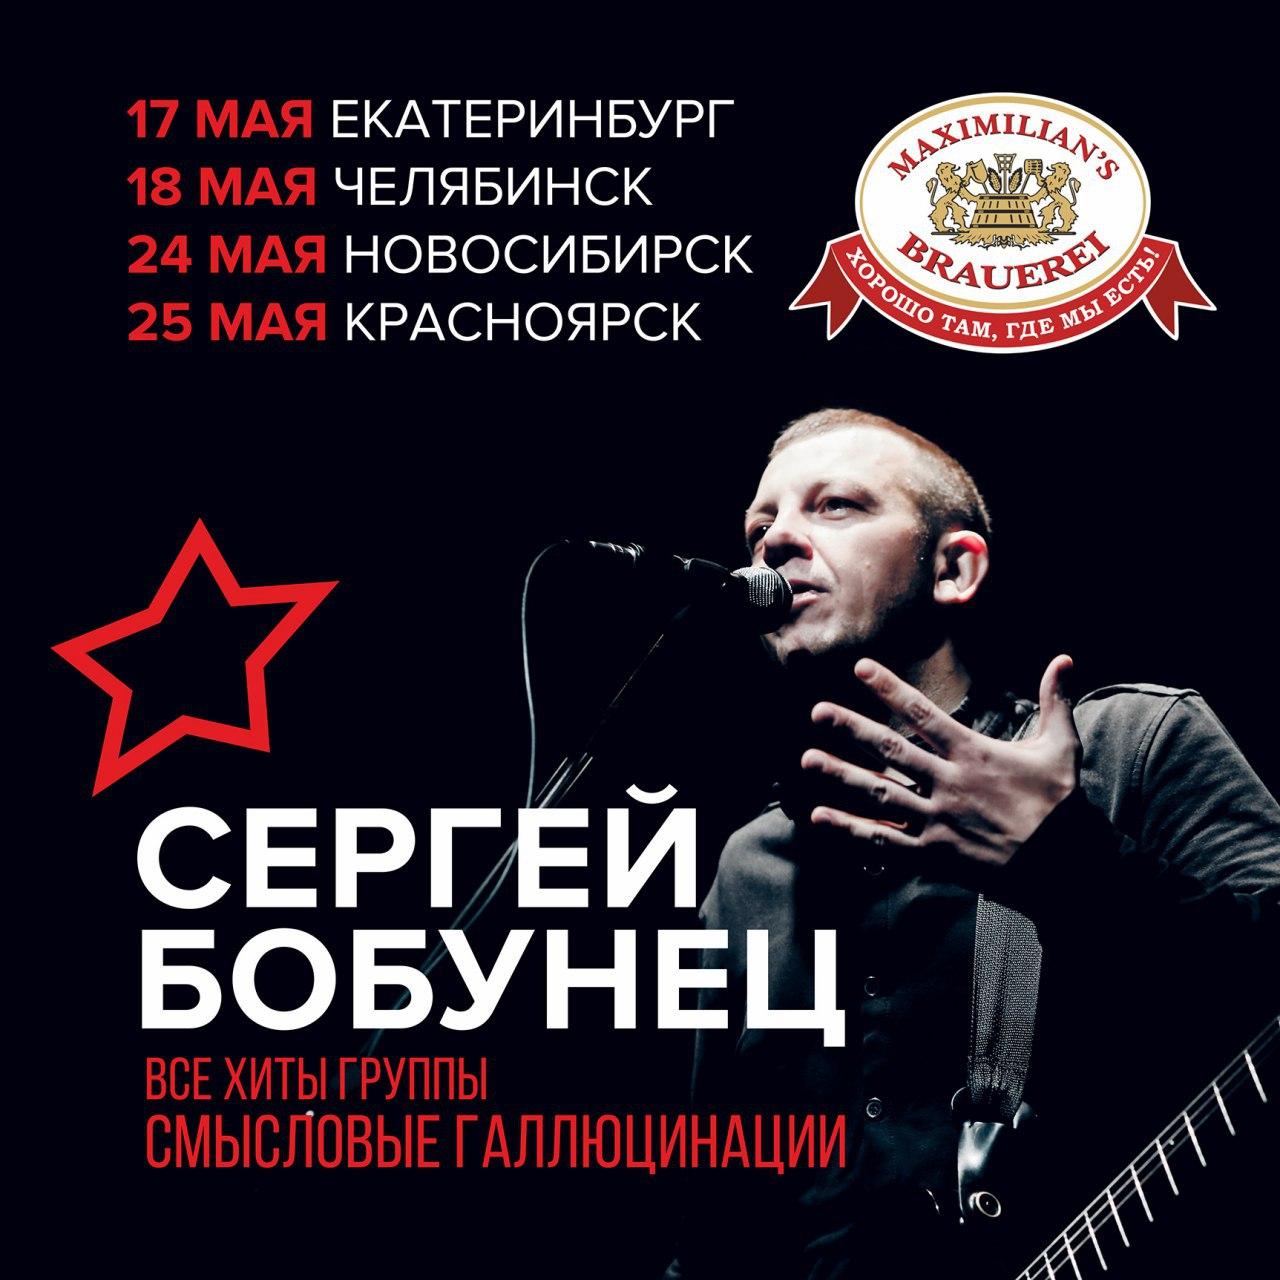 Сергей Бобунец анонсировал первые сольные концерты